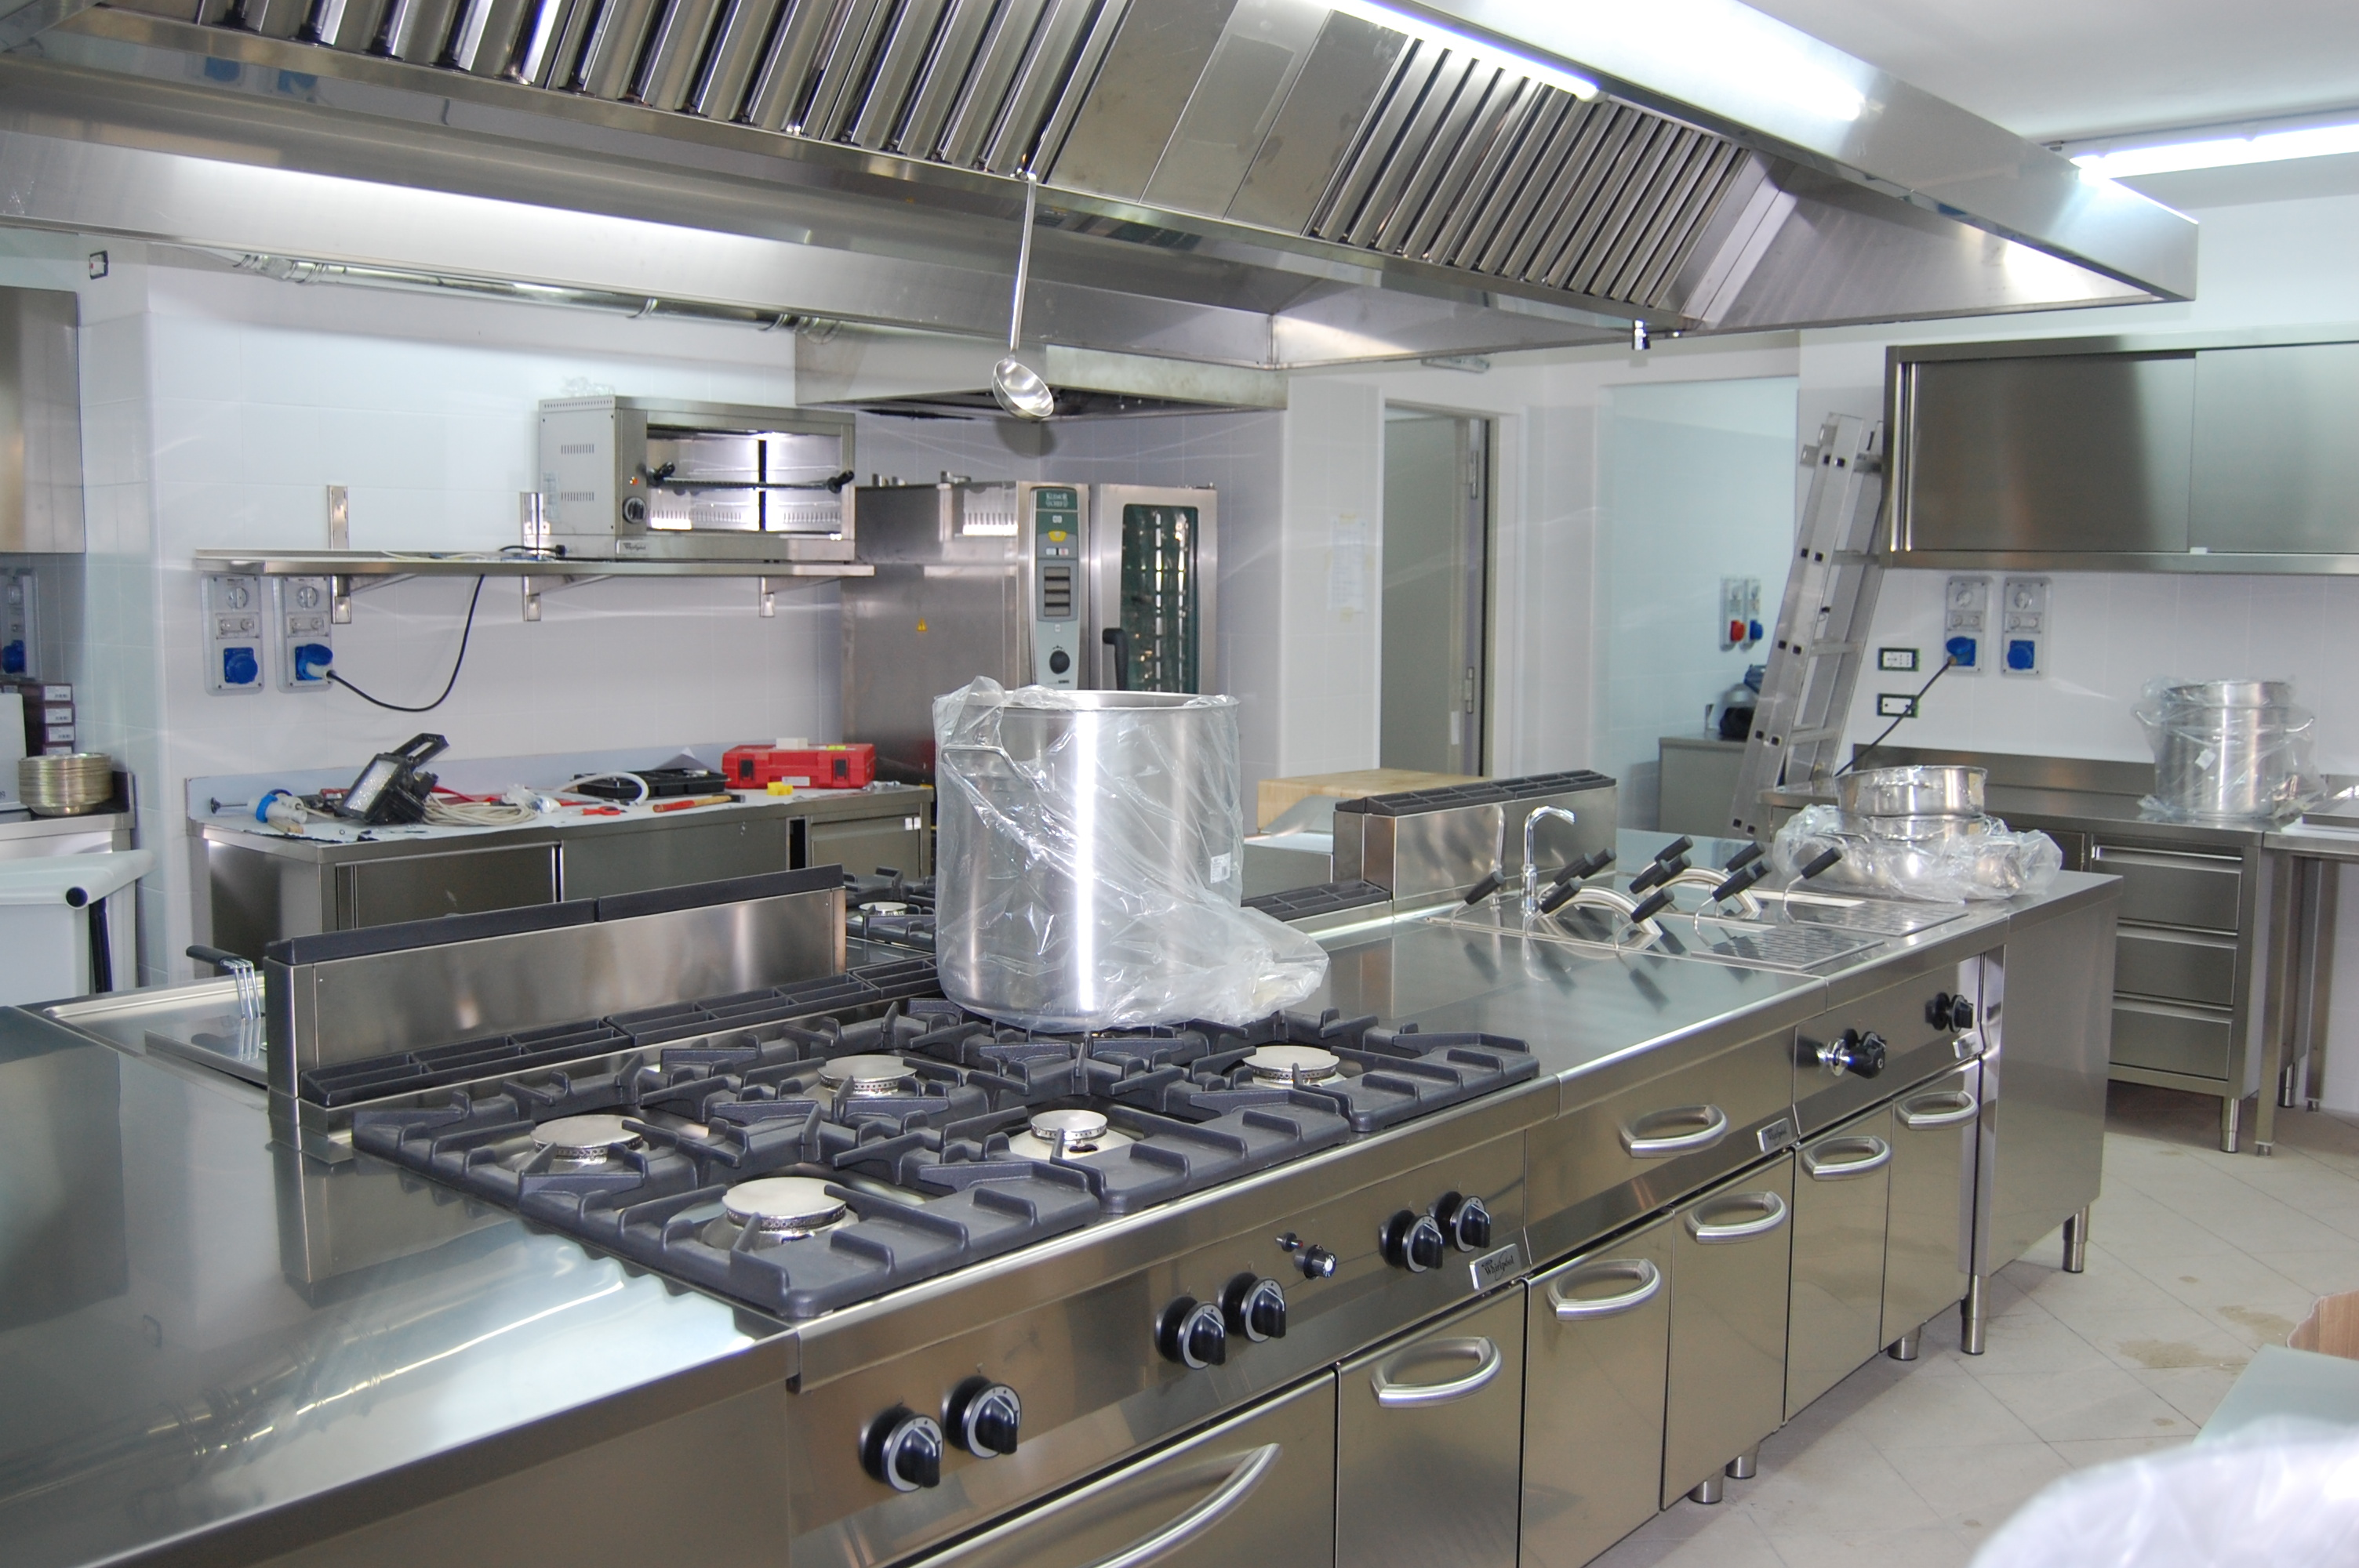 Vendita e assistenza cucine professionali perugia s a t for Mobili cucine professionali